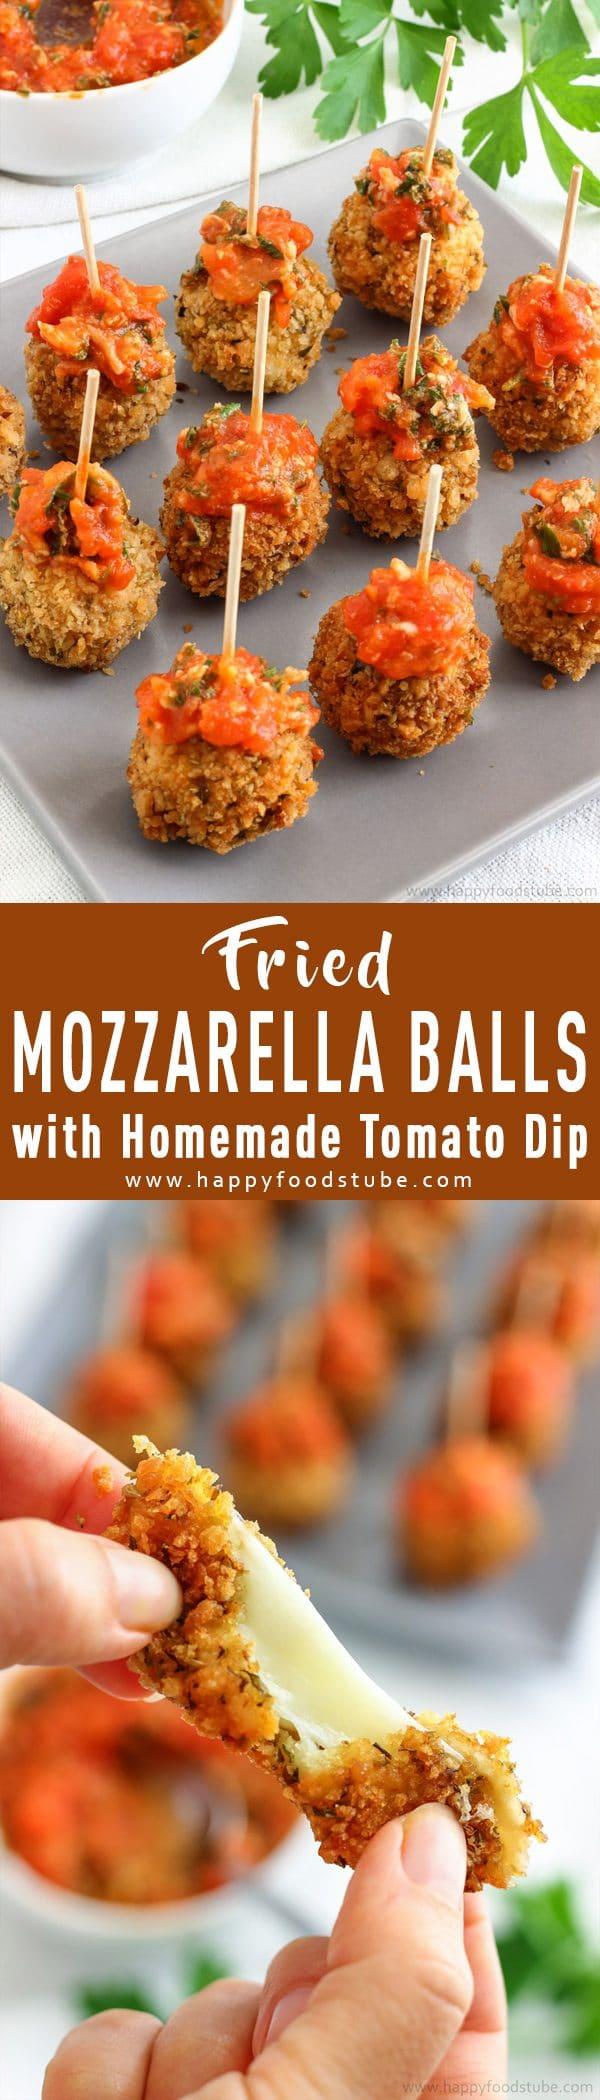 Fried Mozzarella Balls with Homemade Tomato Dip Recipe Picture